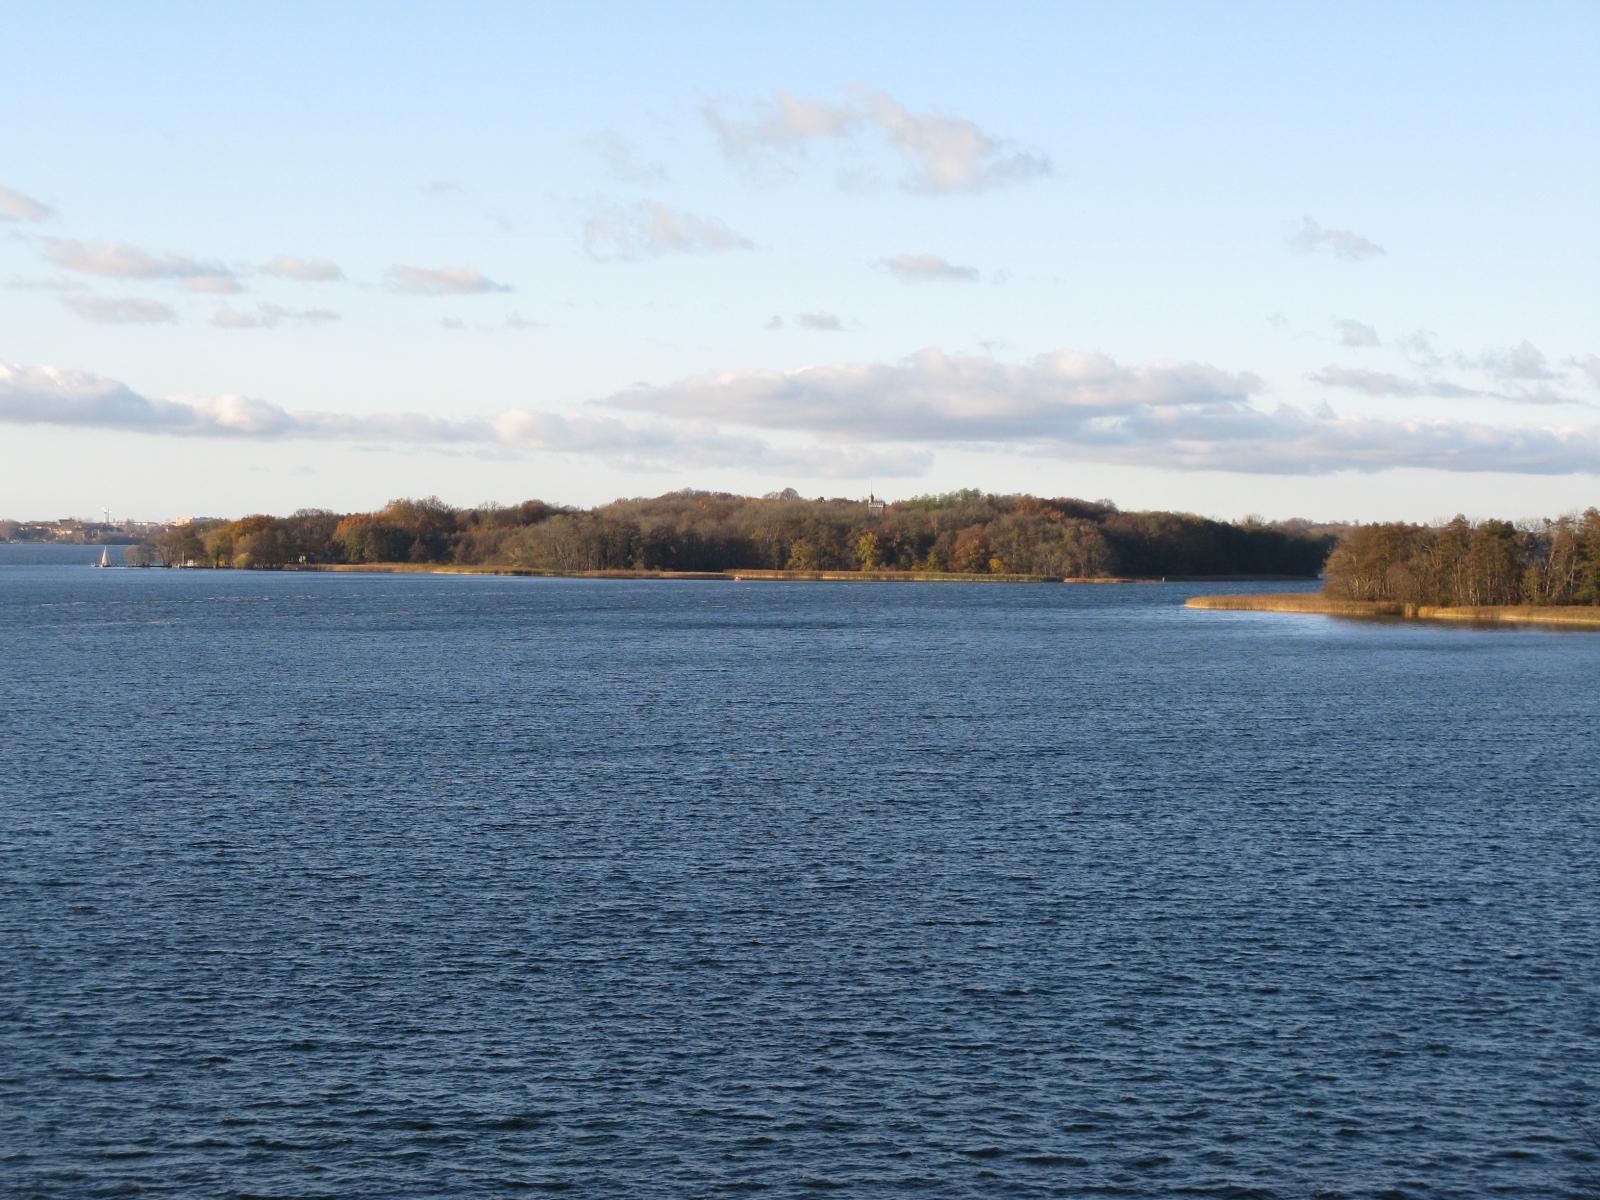 File:Schweriner See Insel Kaninchenwerder.jpg.